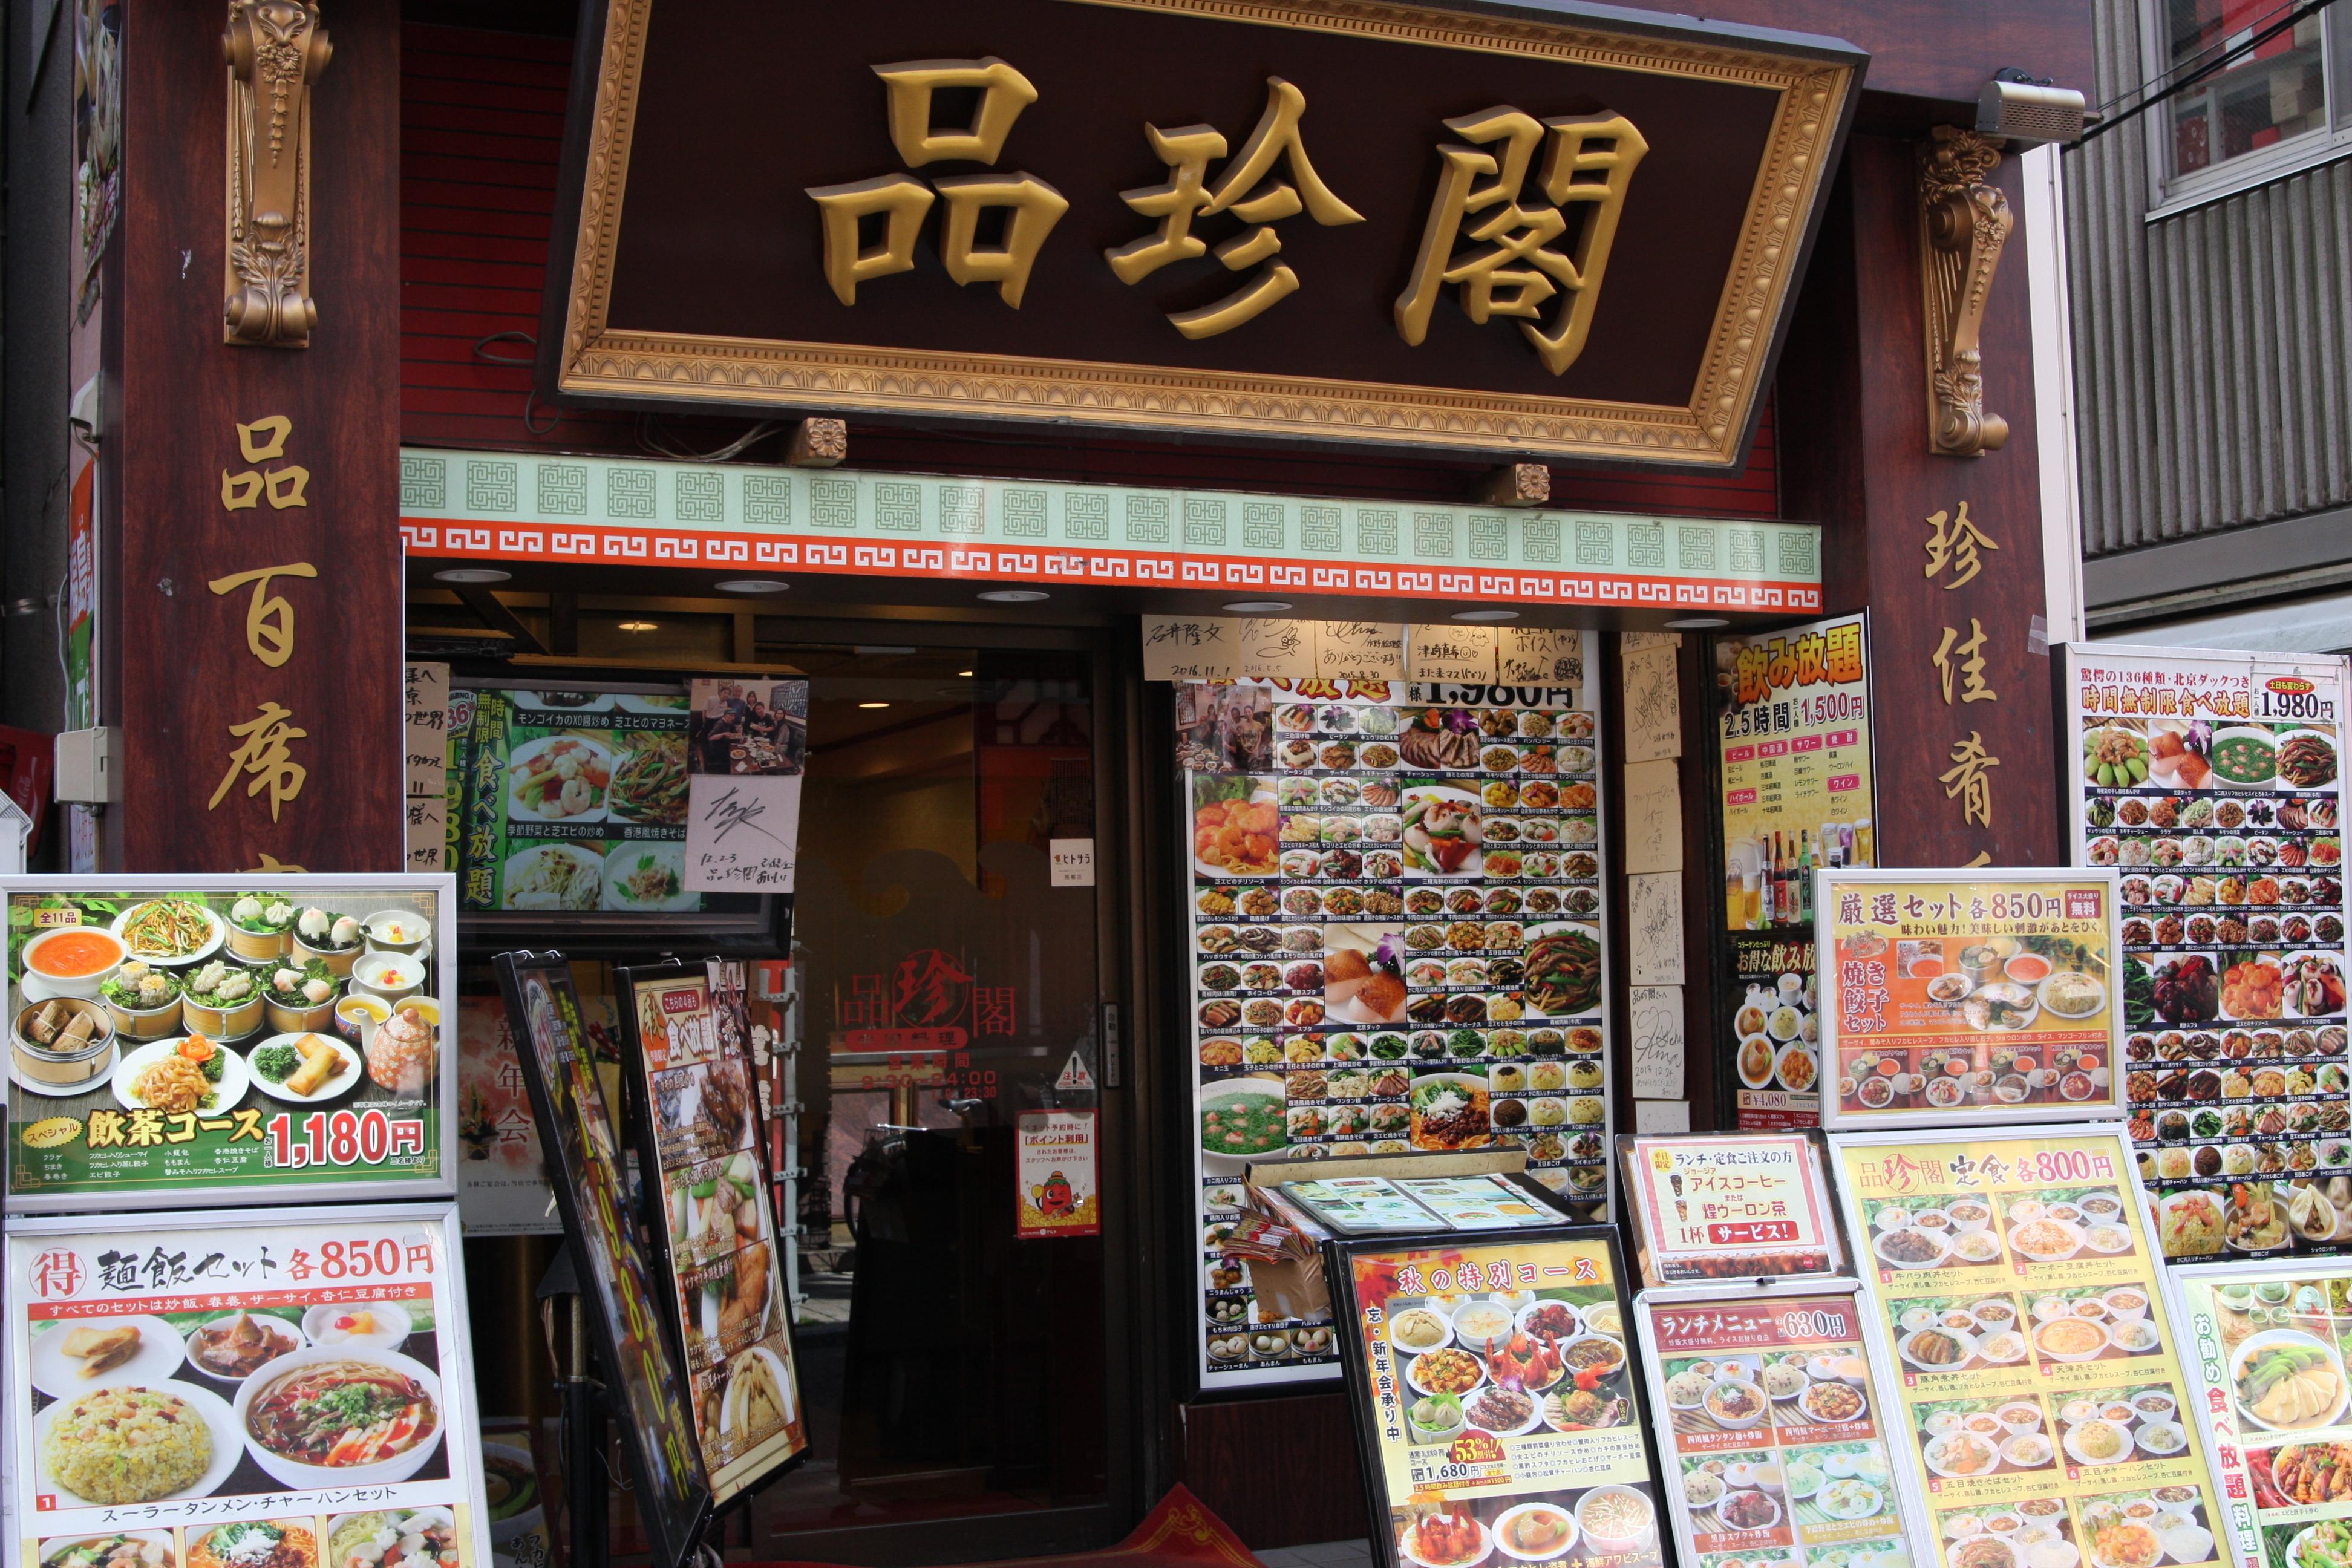 横浜中華街食歩記:「品珍閣」すべてが雑な残念ランチ